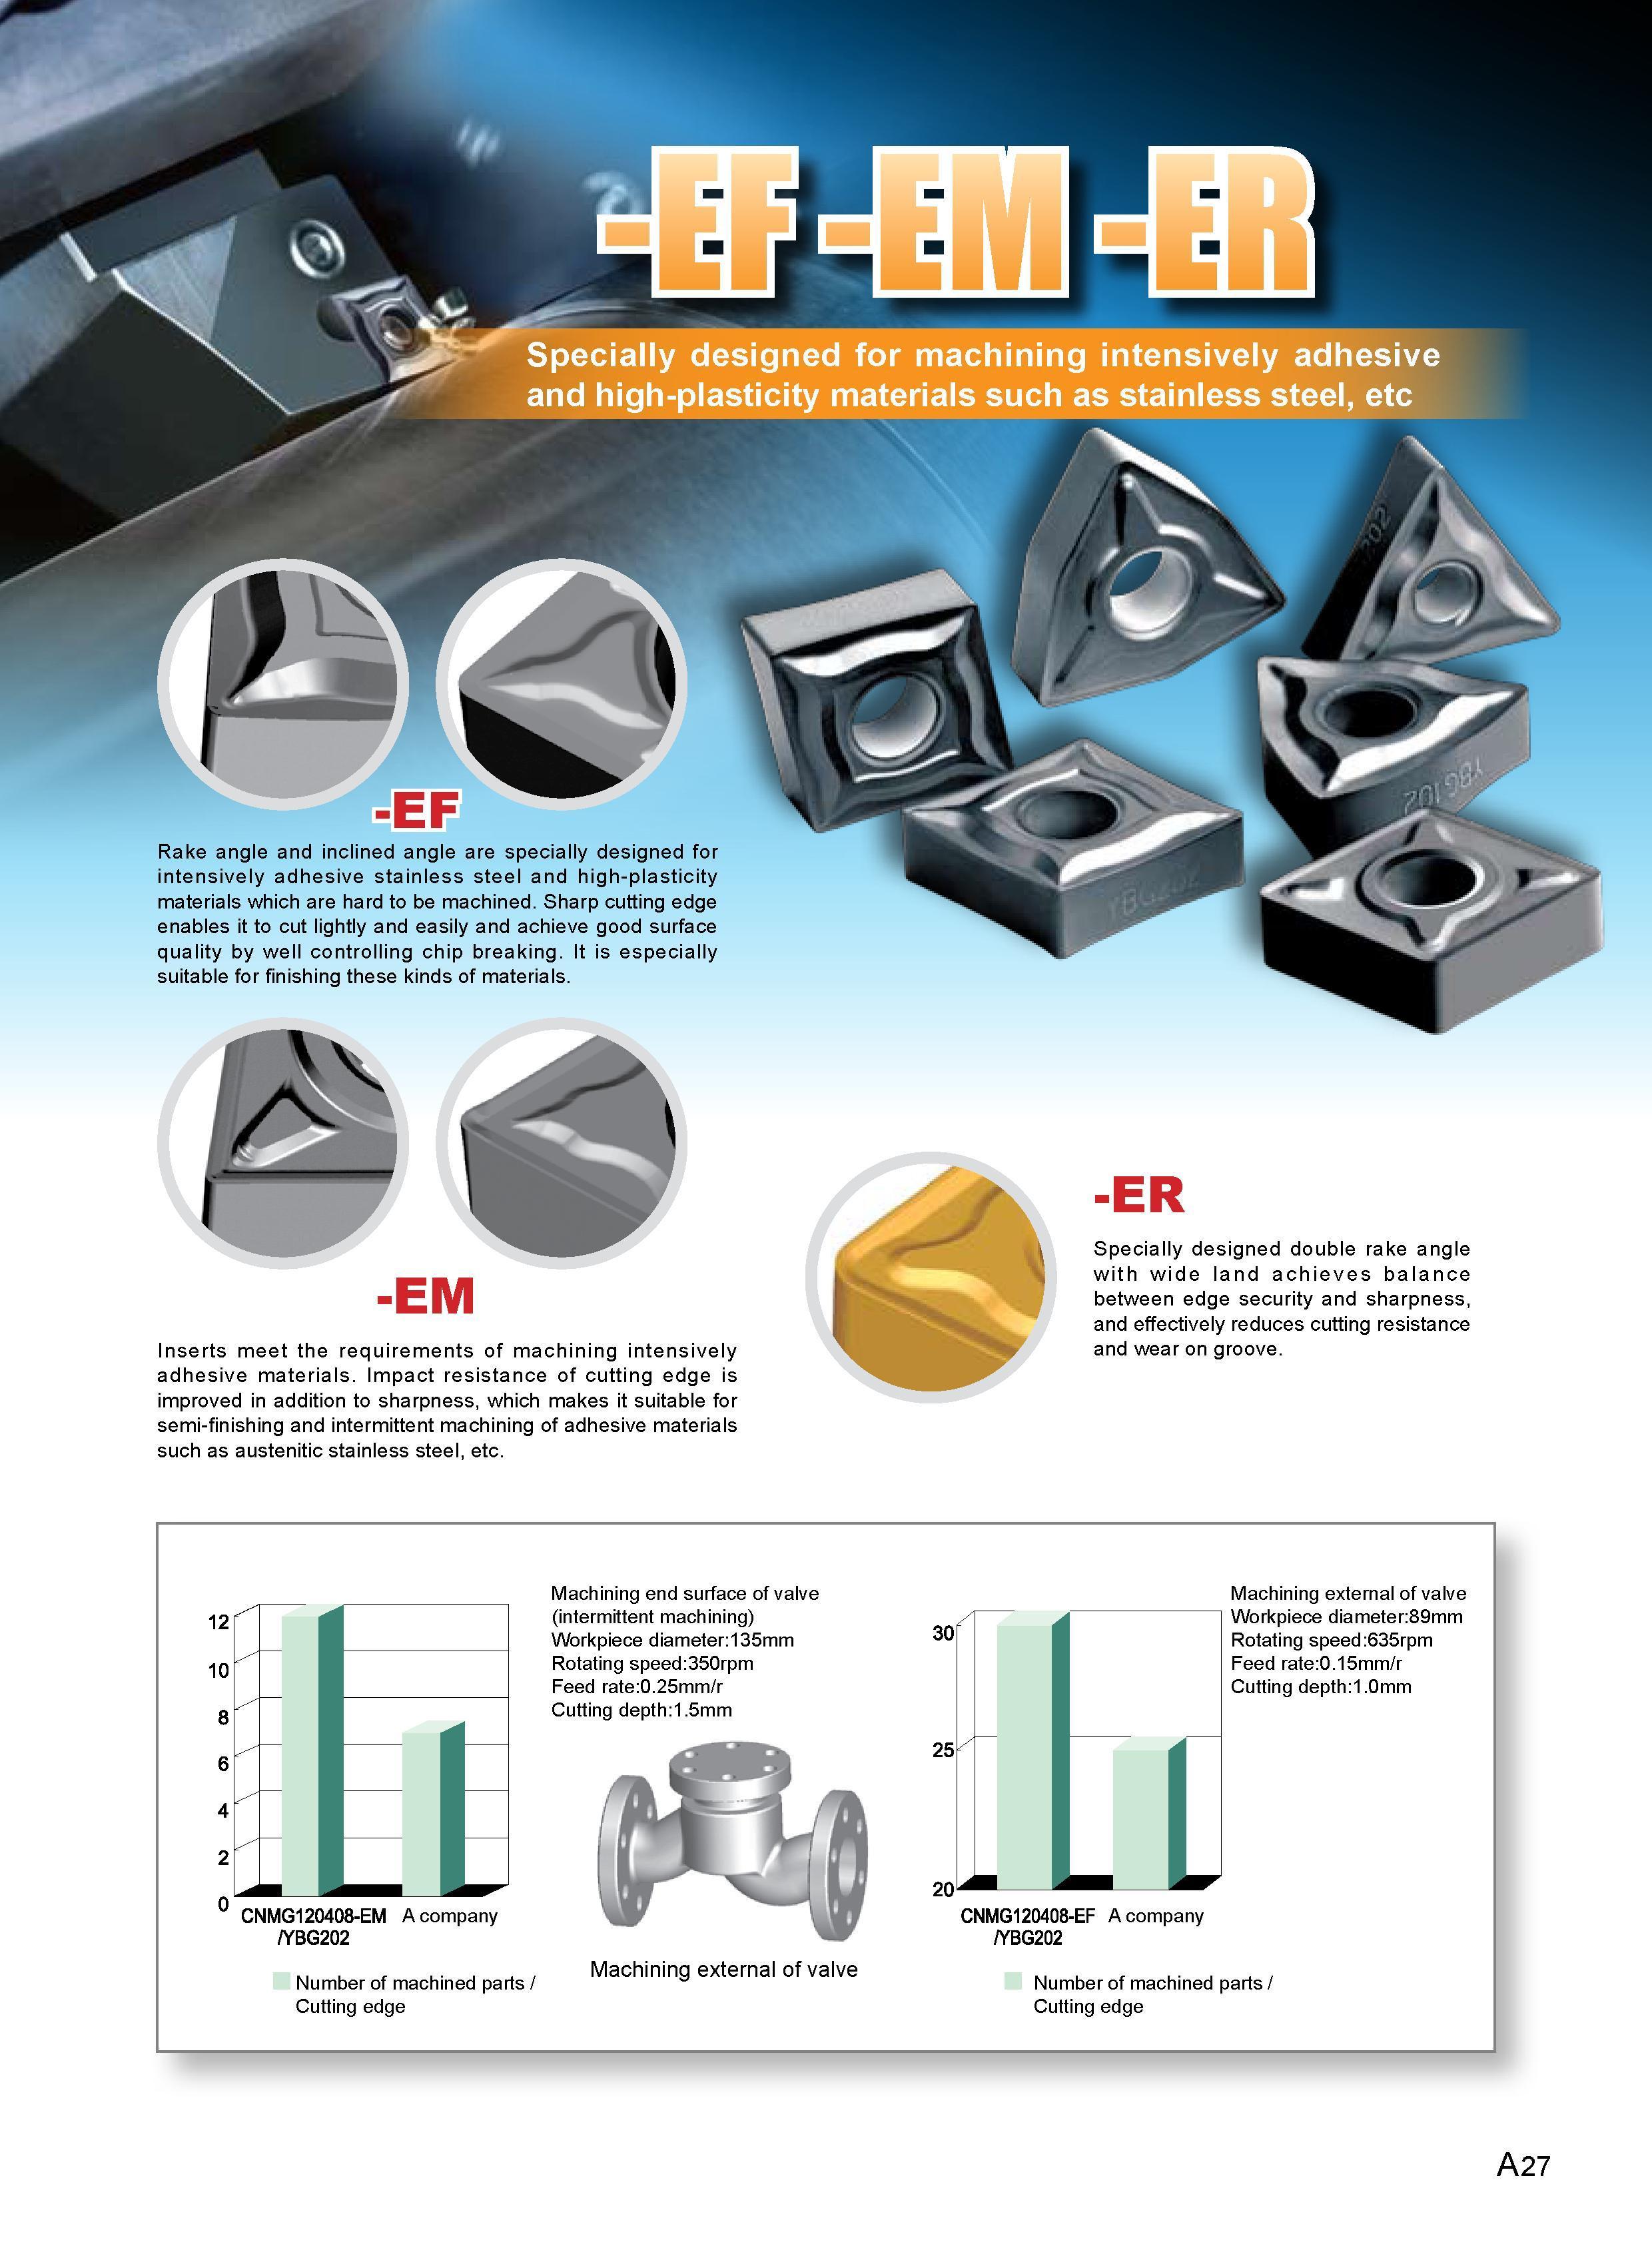 Основные преимущества и недостатки сменных твердосплавные пластины для токарных резцов